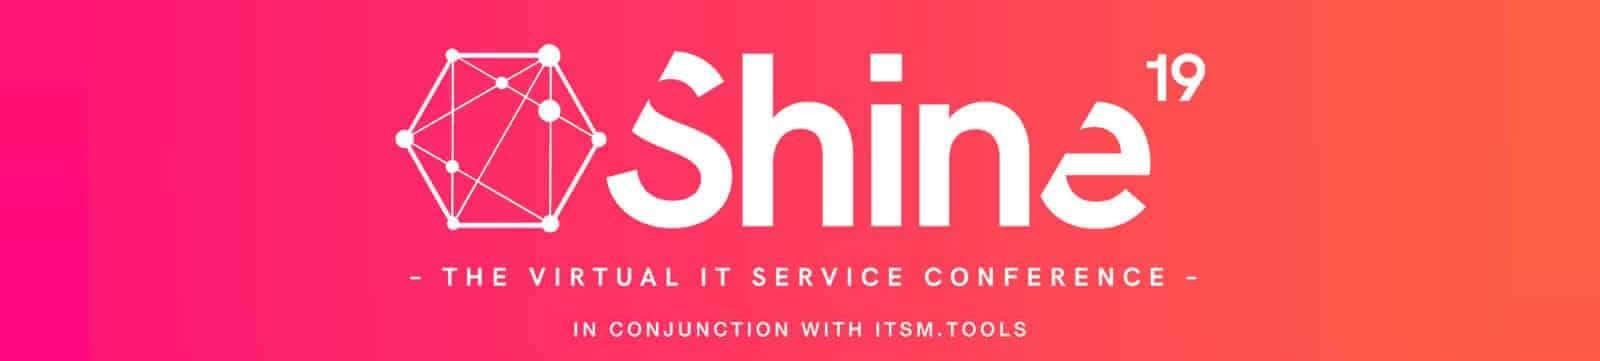 Shine19